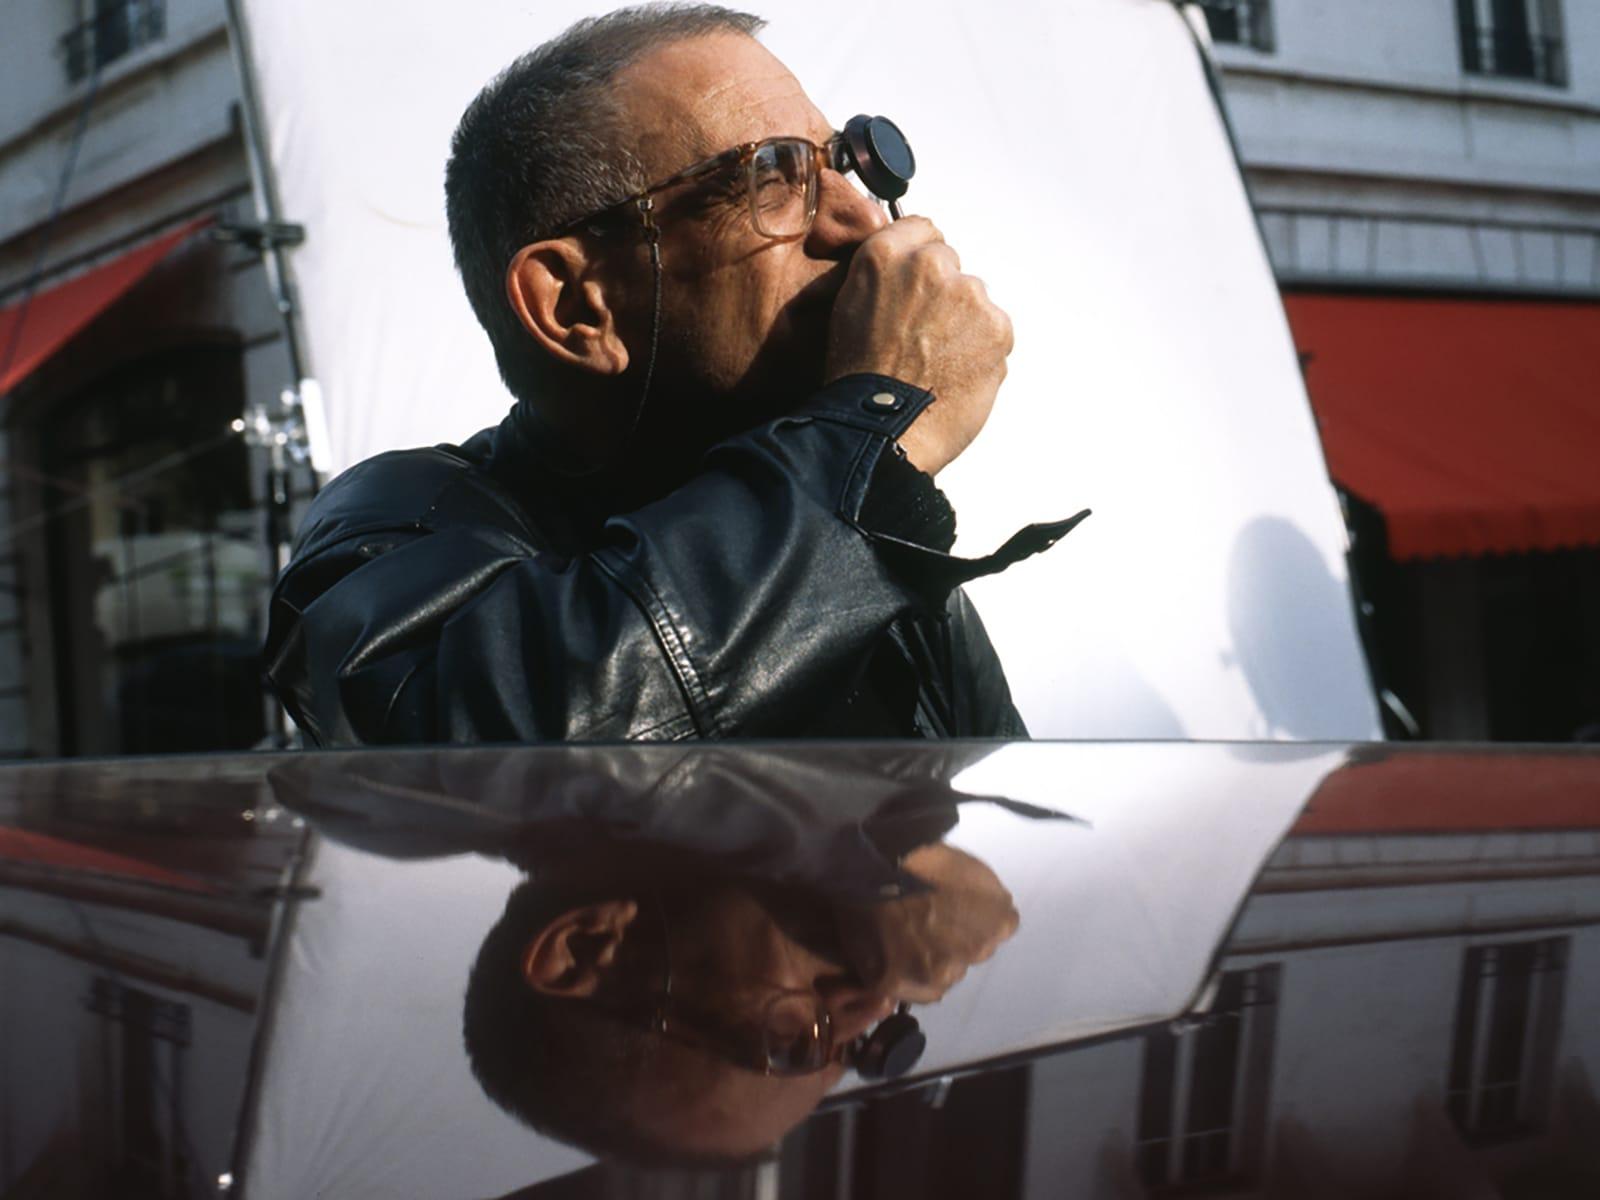 Krzysztof Kieślowski đã đạo diễn cả ba bộ phim trong bộ ba phim Blue, White và Red